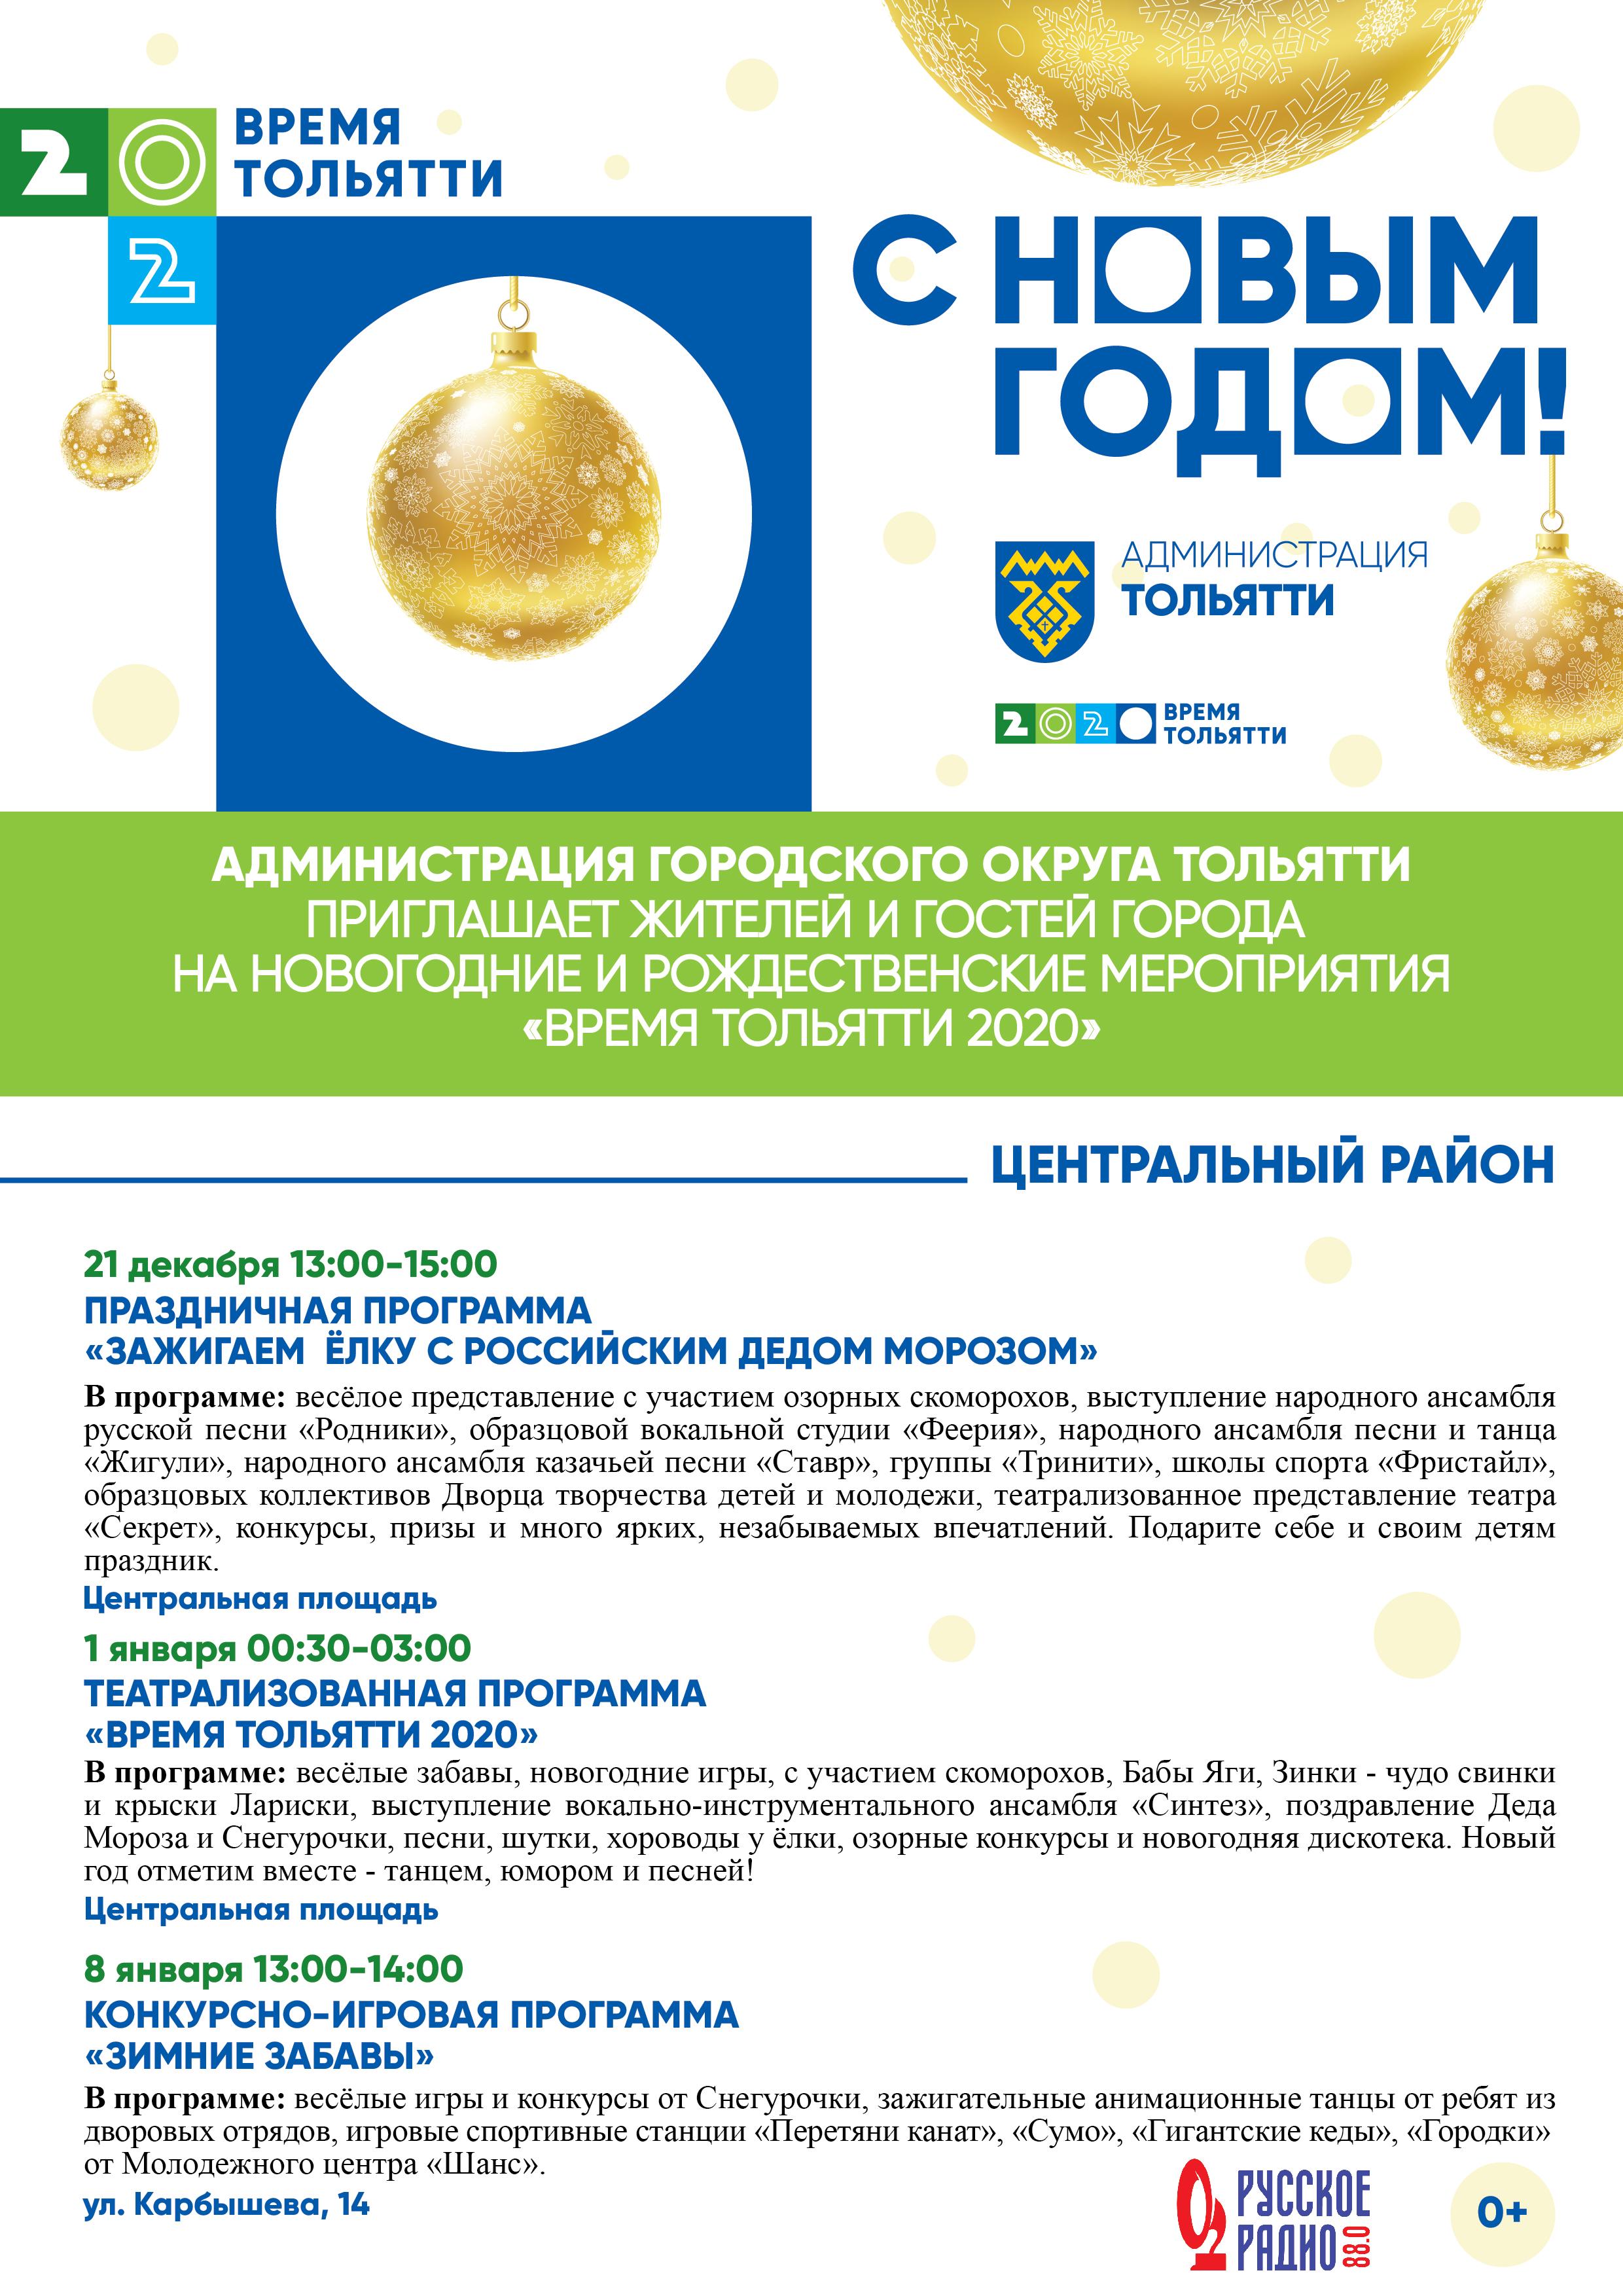 afisha-ng-2020-centralnyy-rayon_file_1576149212